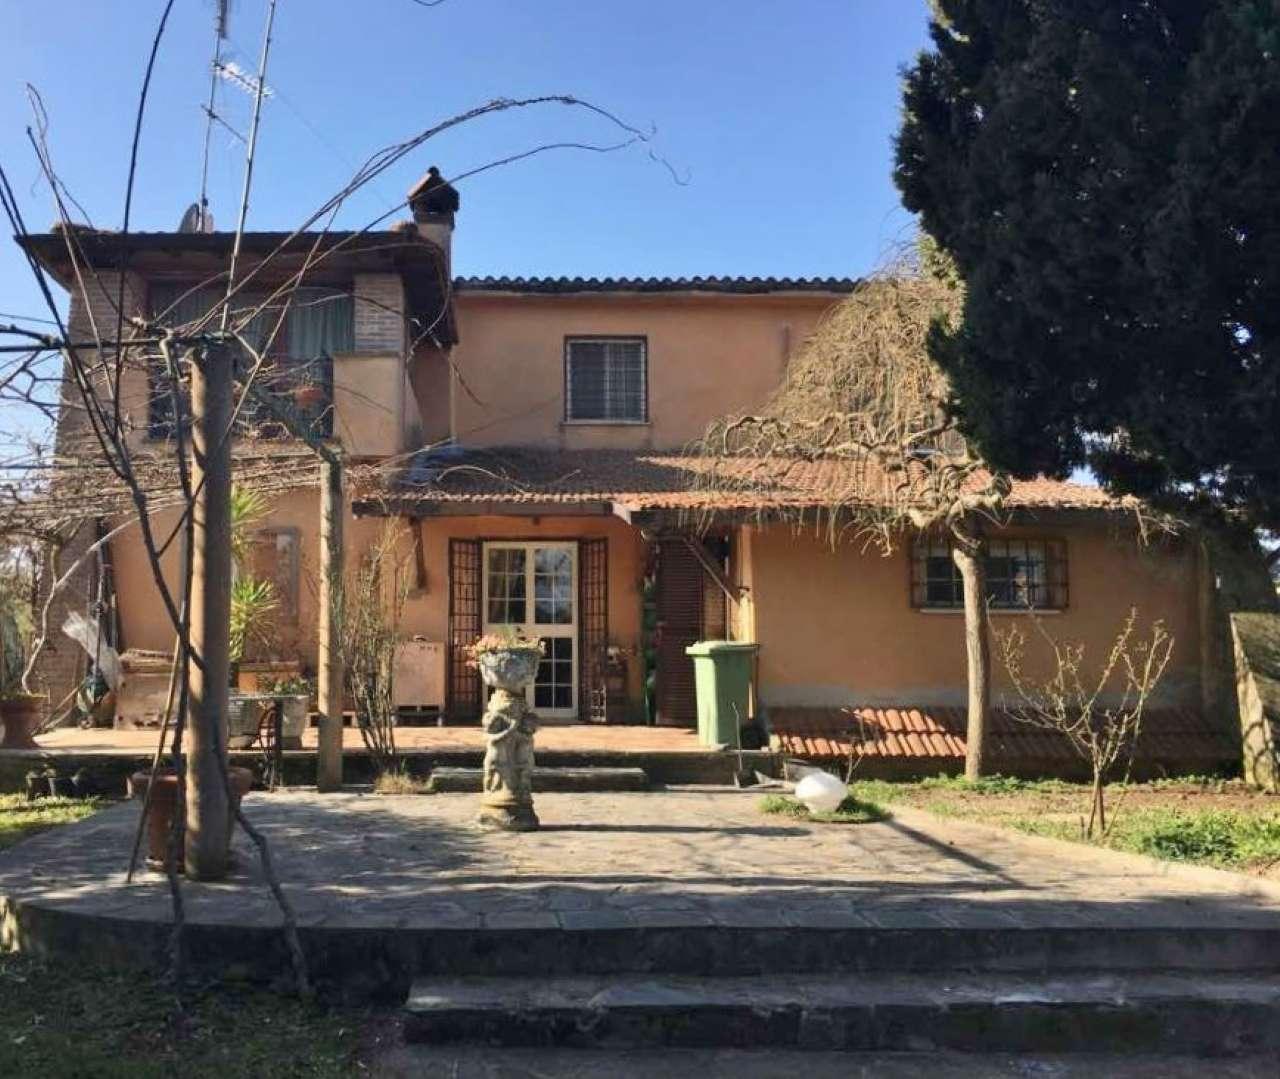 Soluzione Indipendente in vendita a Zagarolo, 5 locali, prezzo € 189.000 | Cambio Casa.it